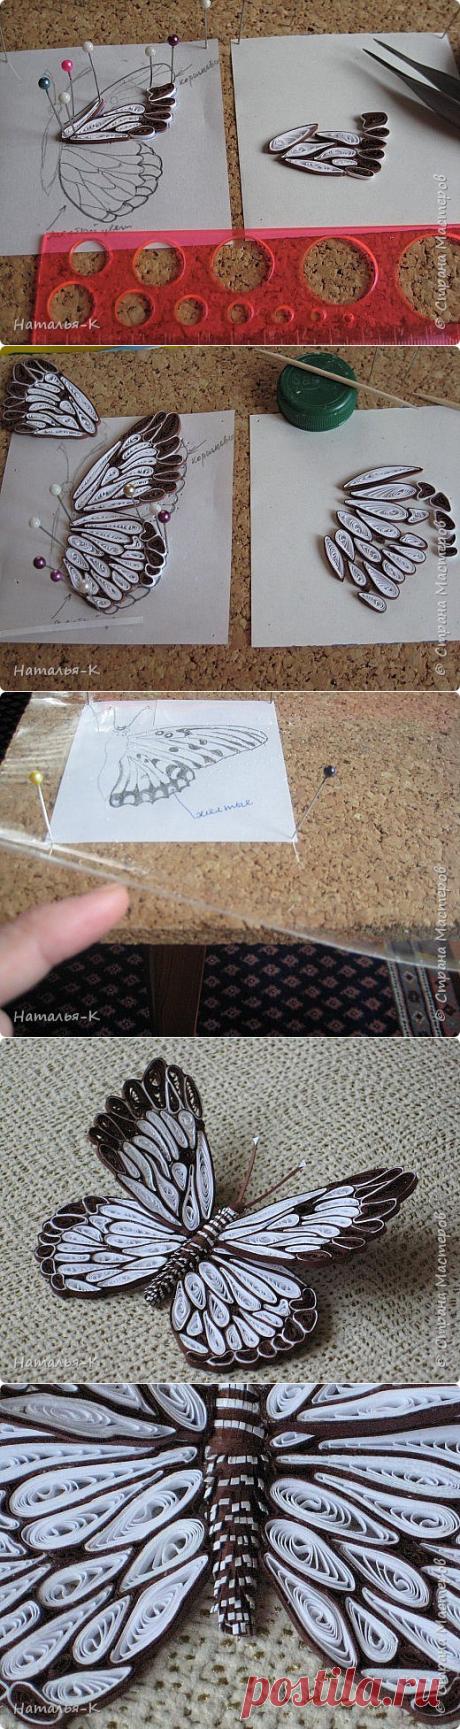 Бабочки в технике квиллинг: мастер-класс — Сделай сам, идеи для творчества - DIY Ideas